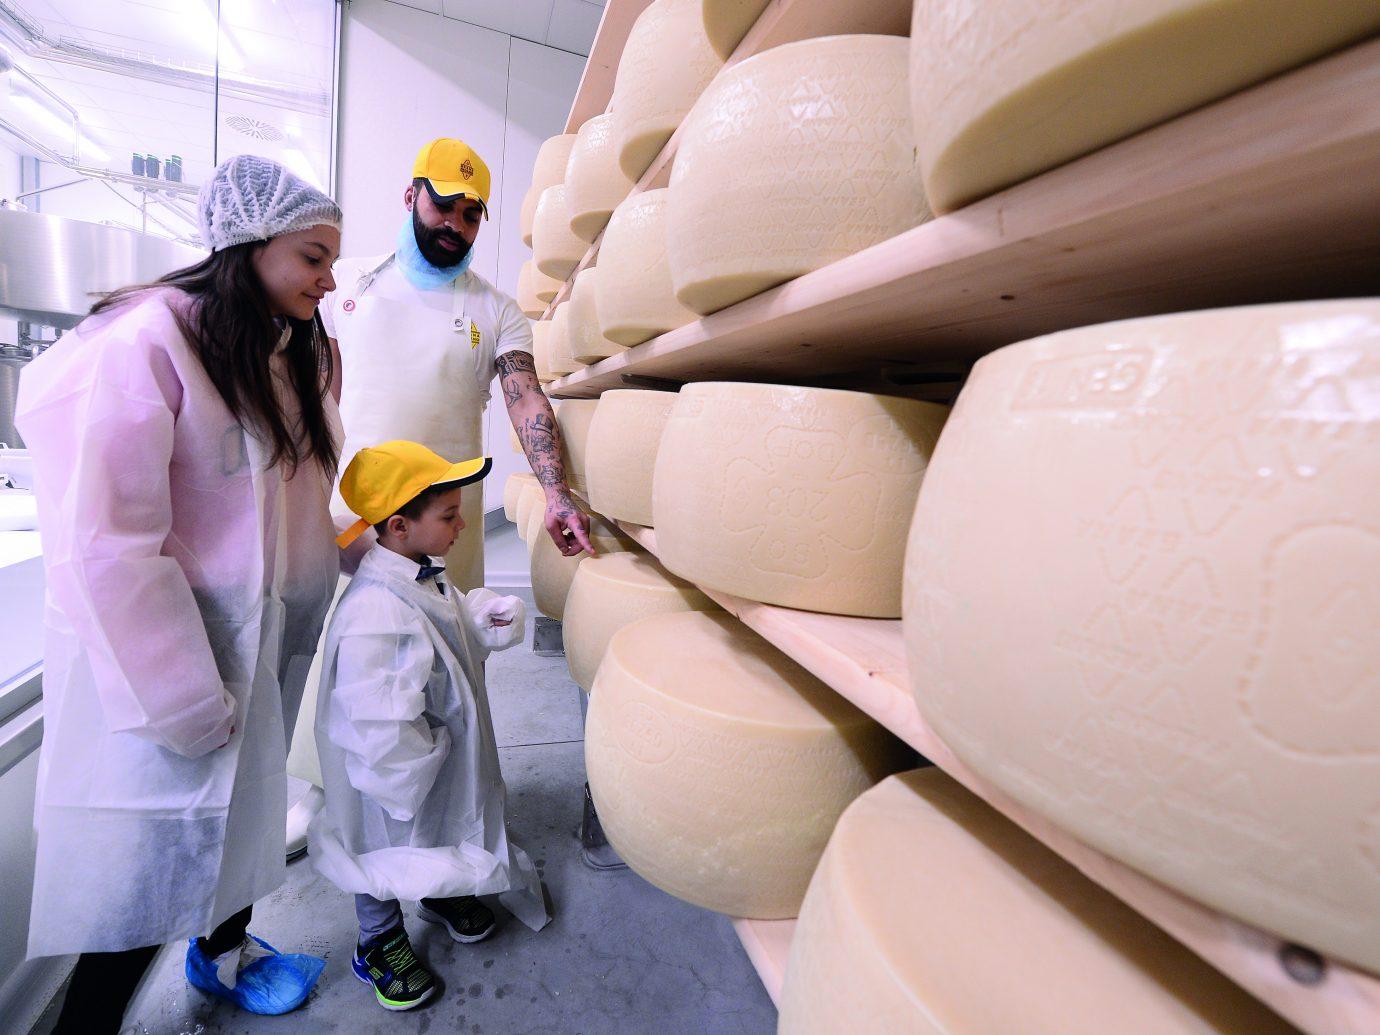 wheels of parmesan cheese at Eataly World